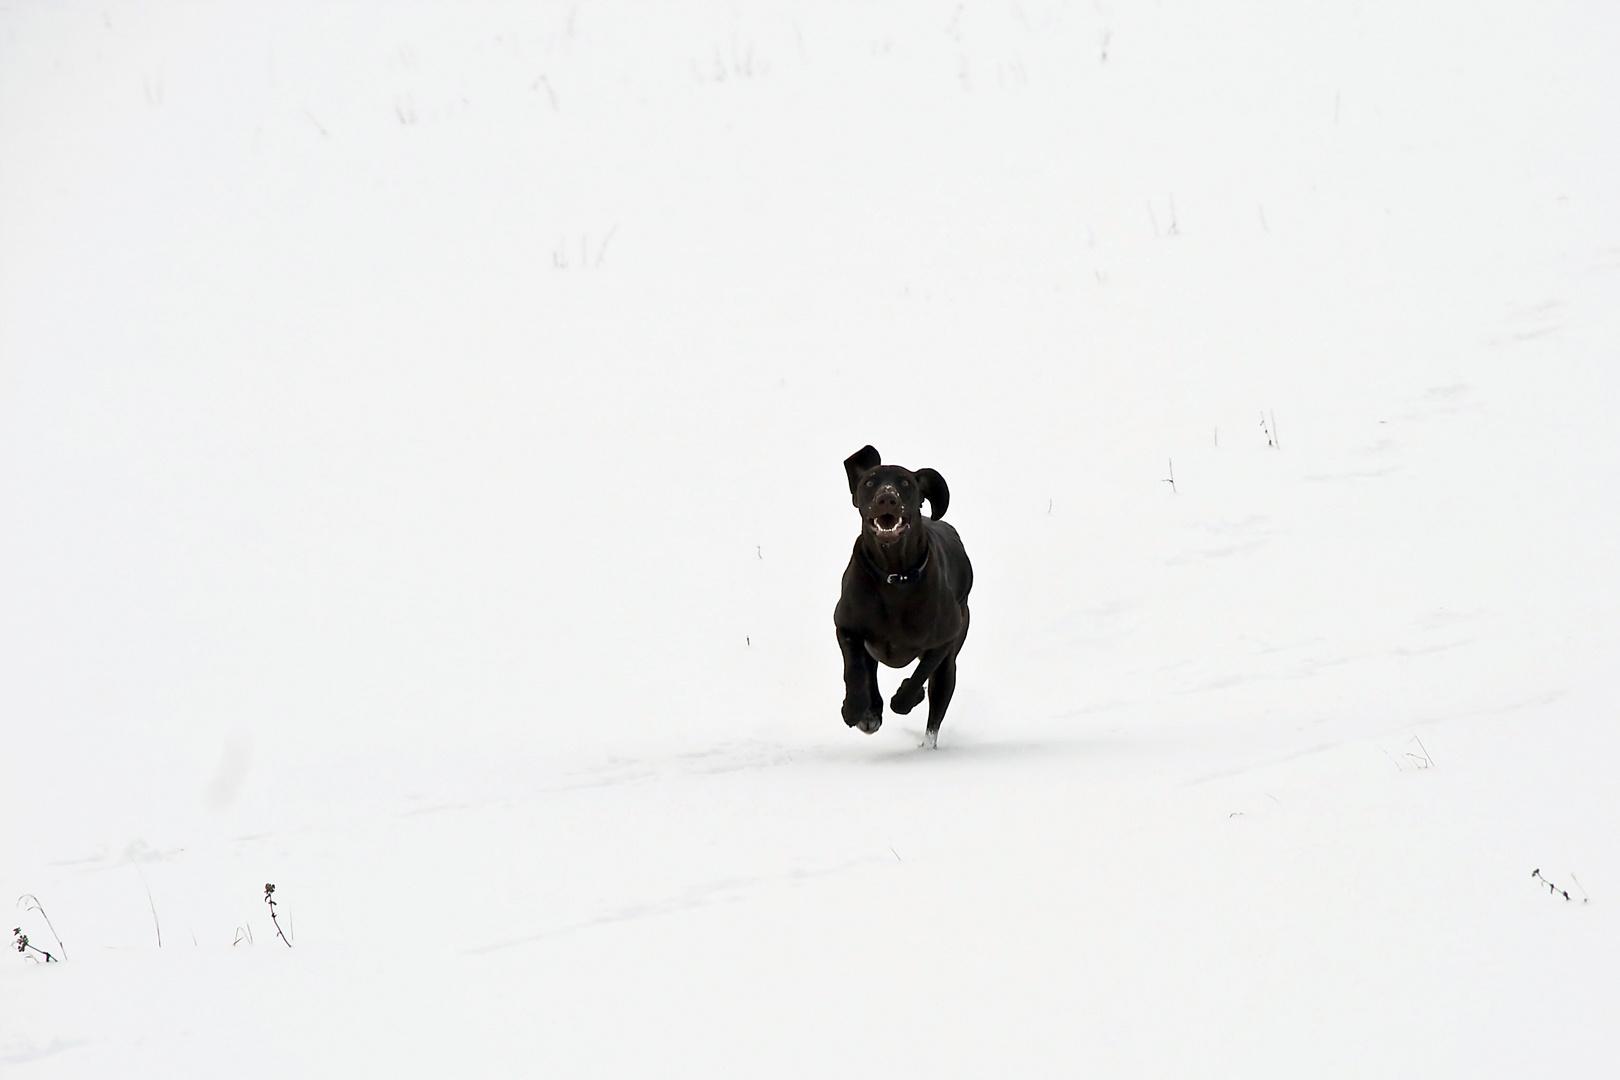 Spaß im Schnee (2)